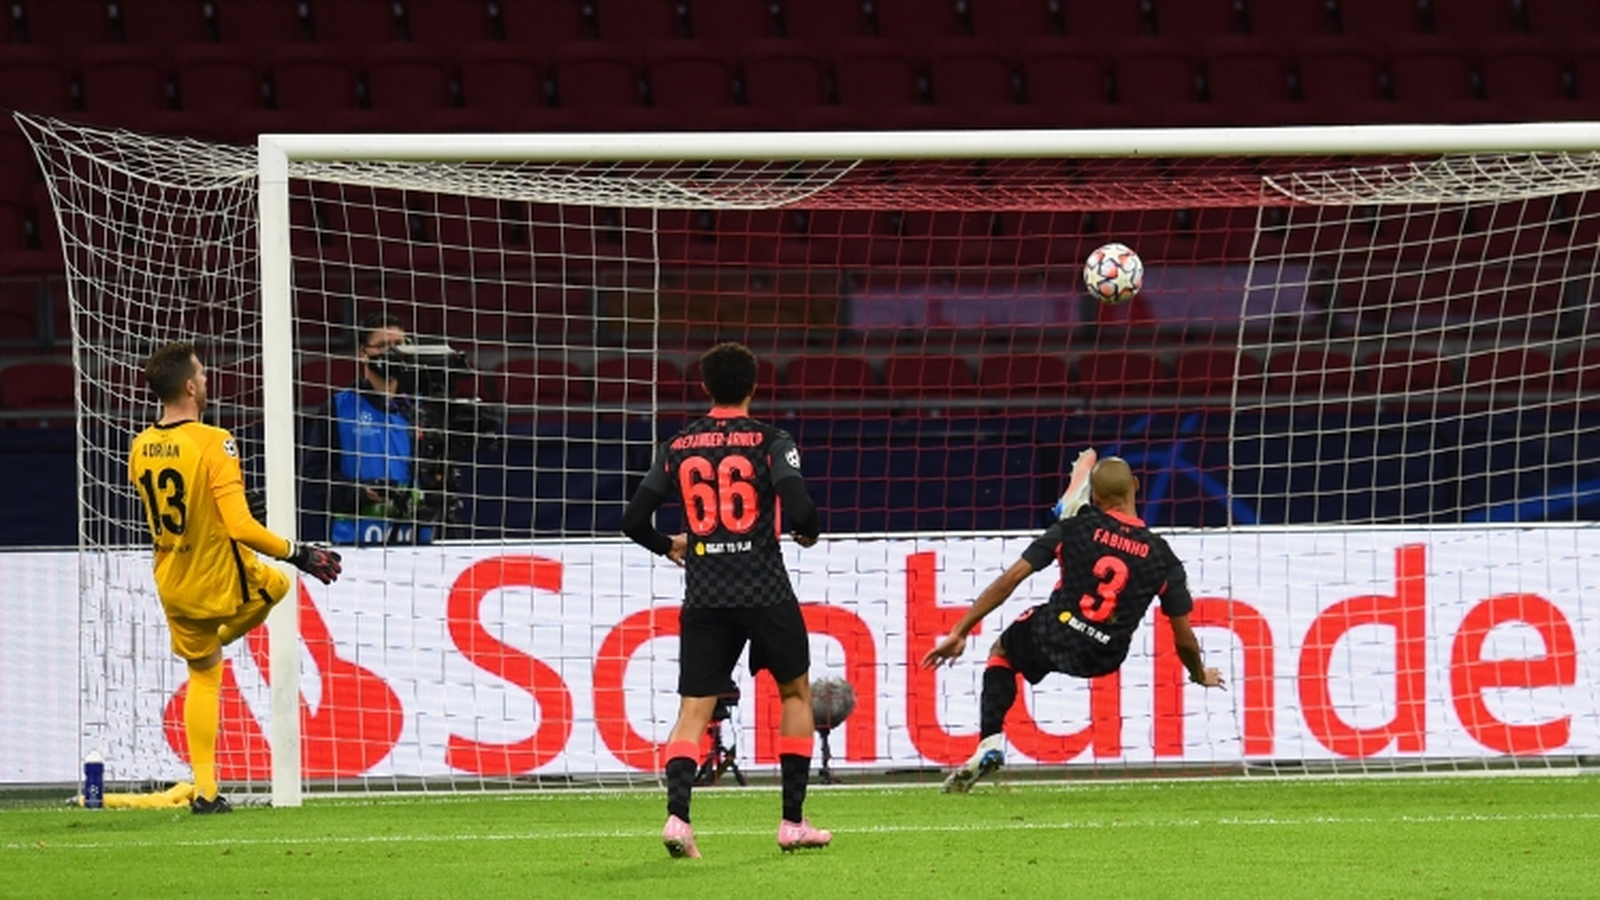 """Trung vệ """"bất đắc dĩ"""" của Liverpool sốc khi Van Dijk chấn thương nặng"""